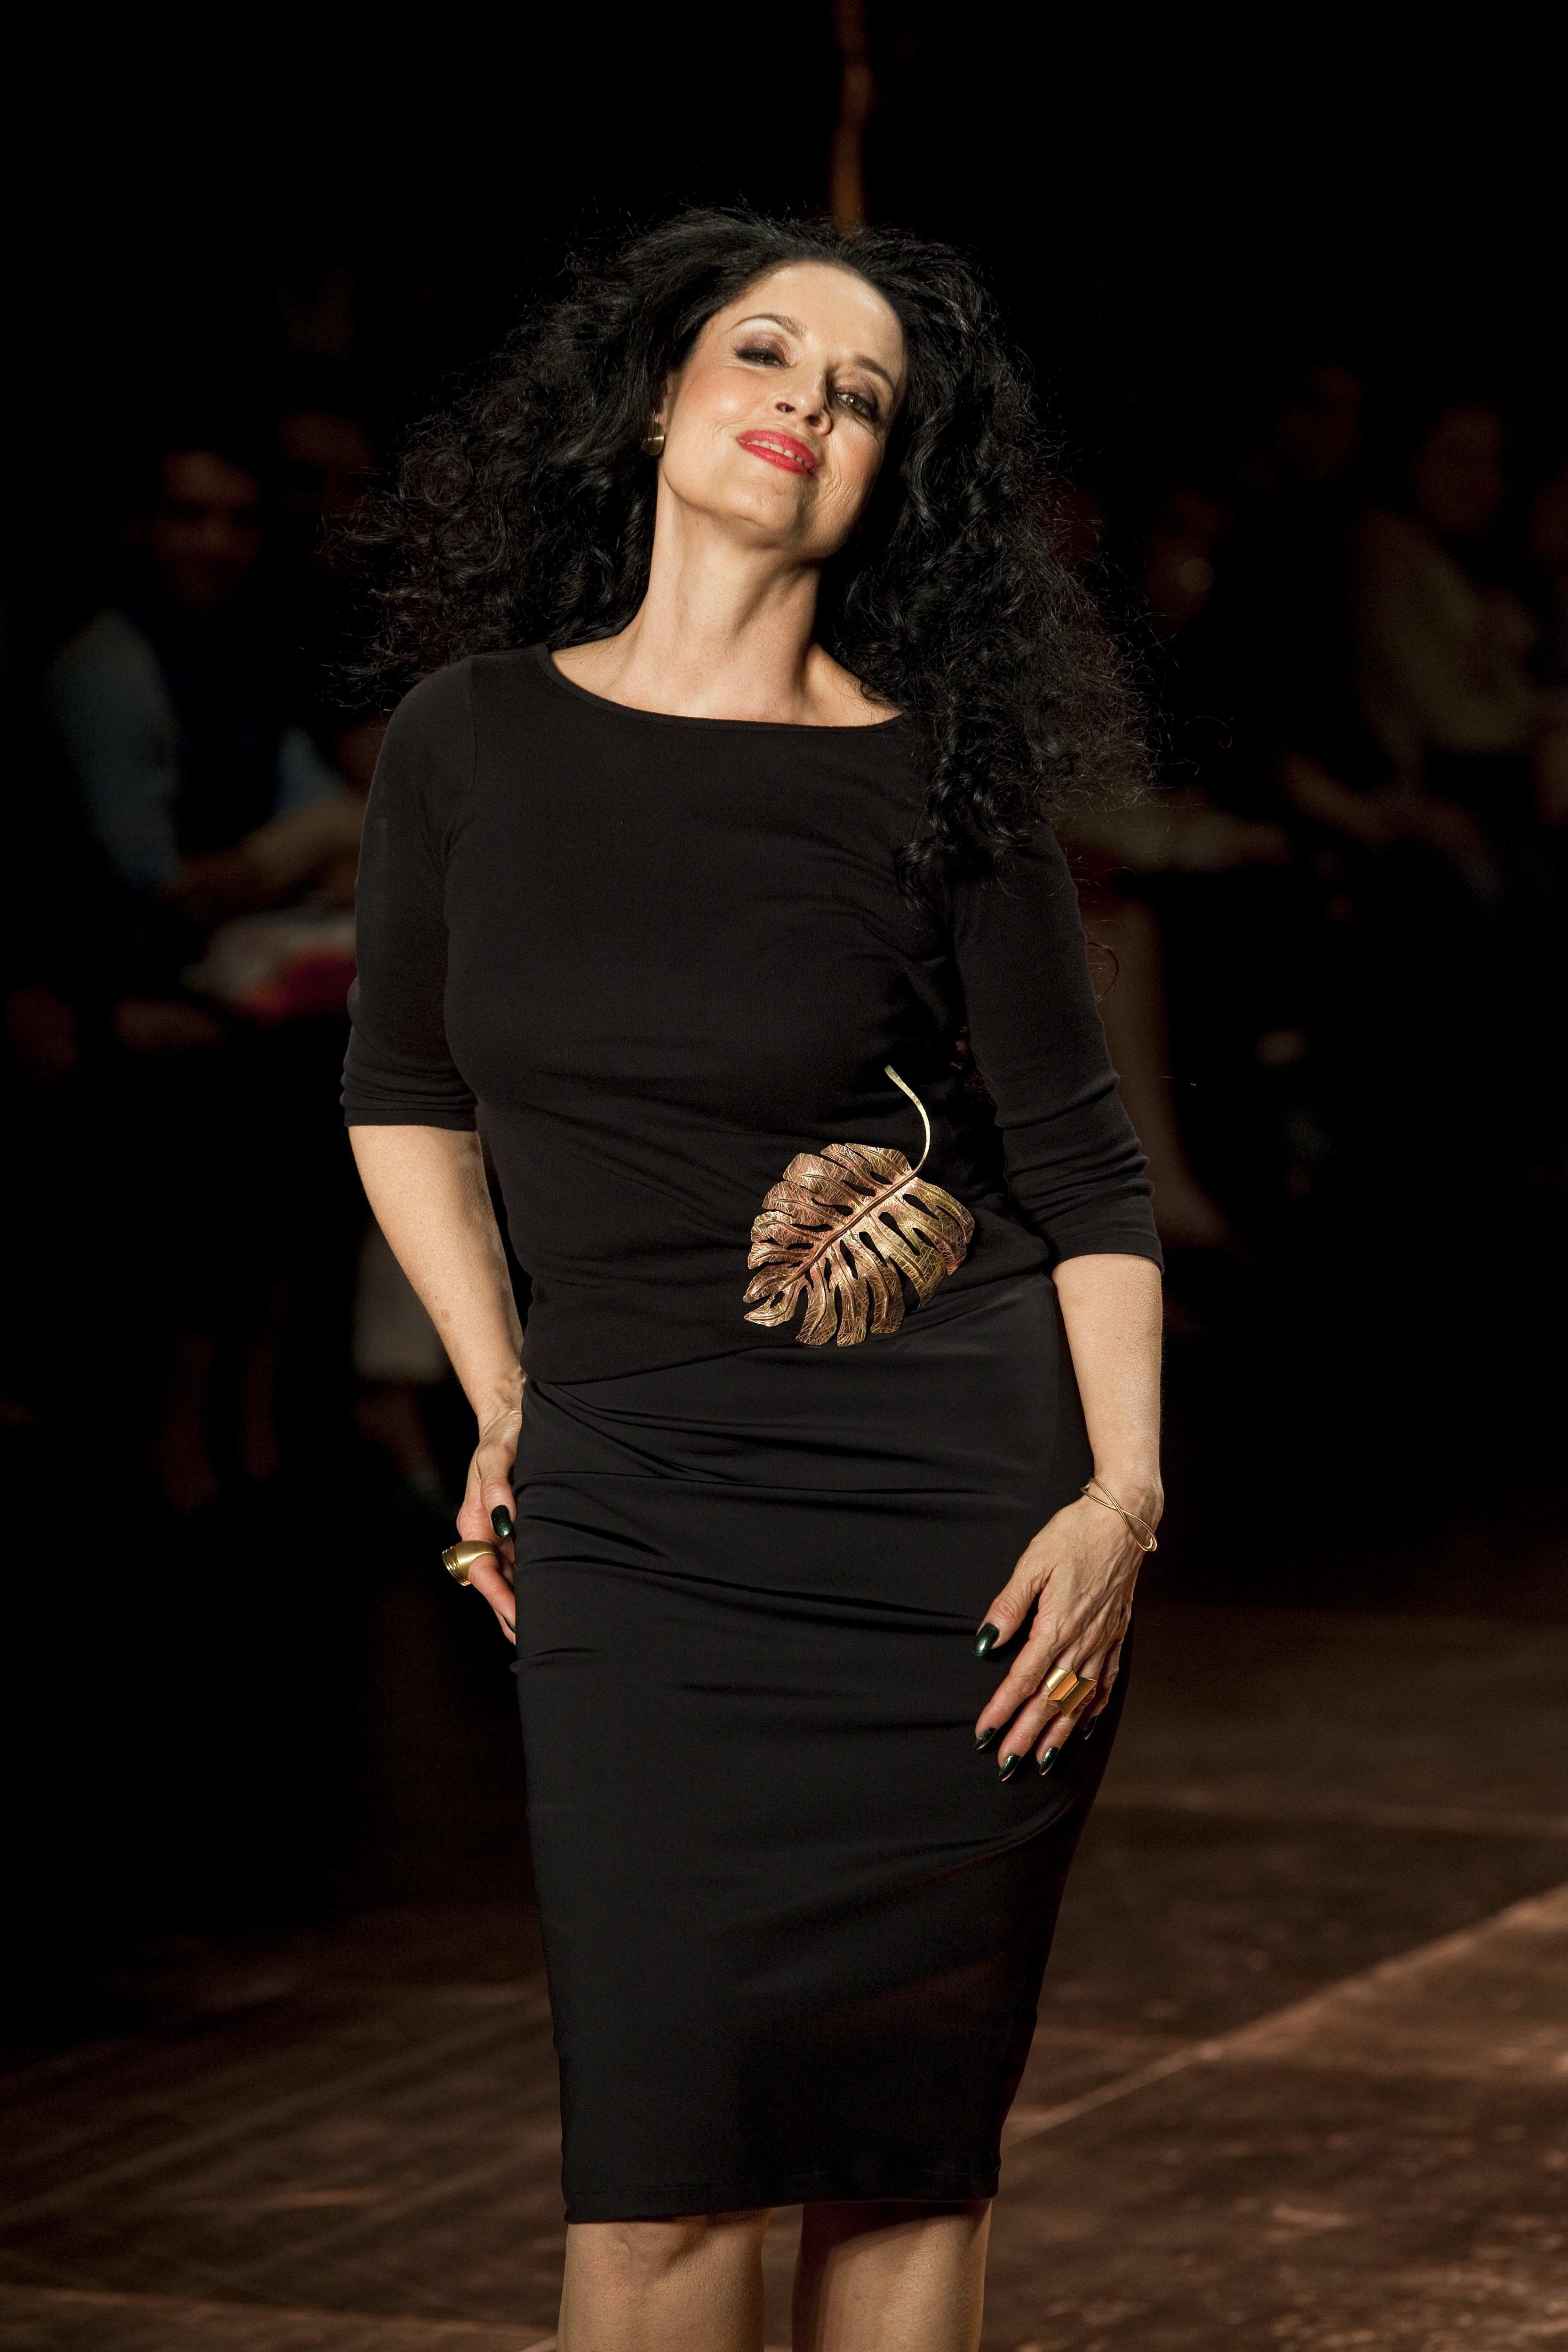 La actriz brasileña Sonia Braga recibe el honorífico de los Premios Platino